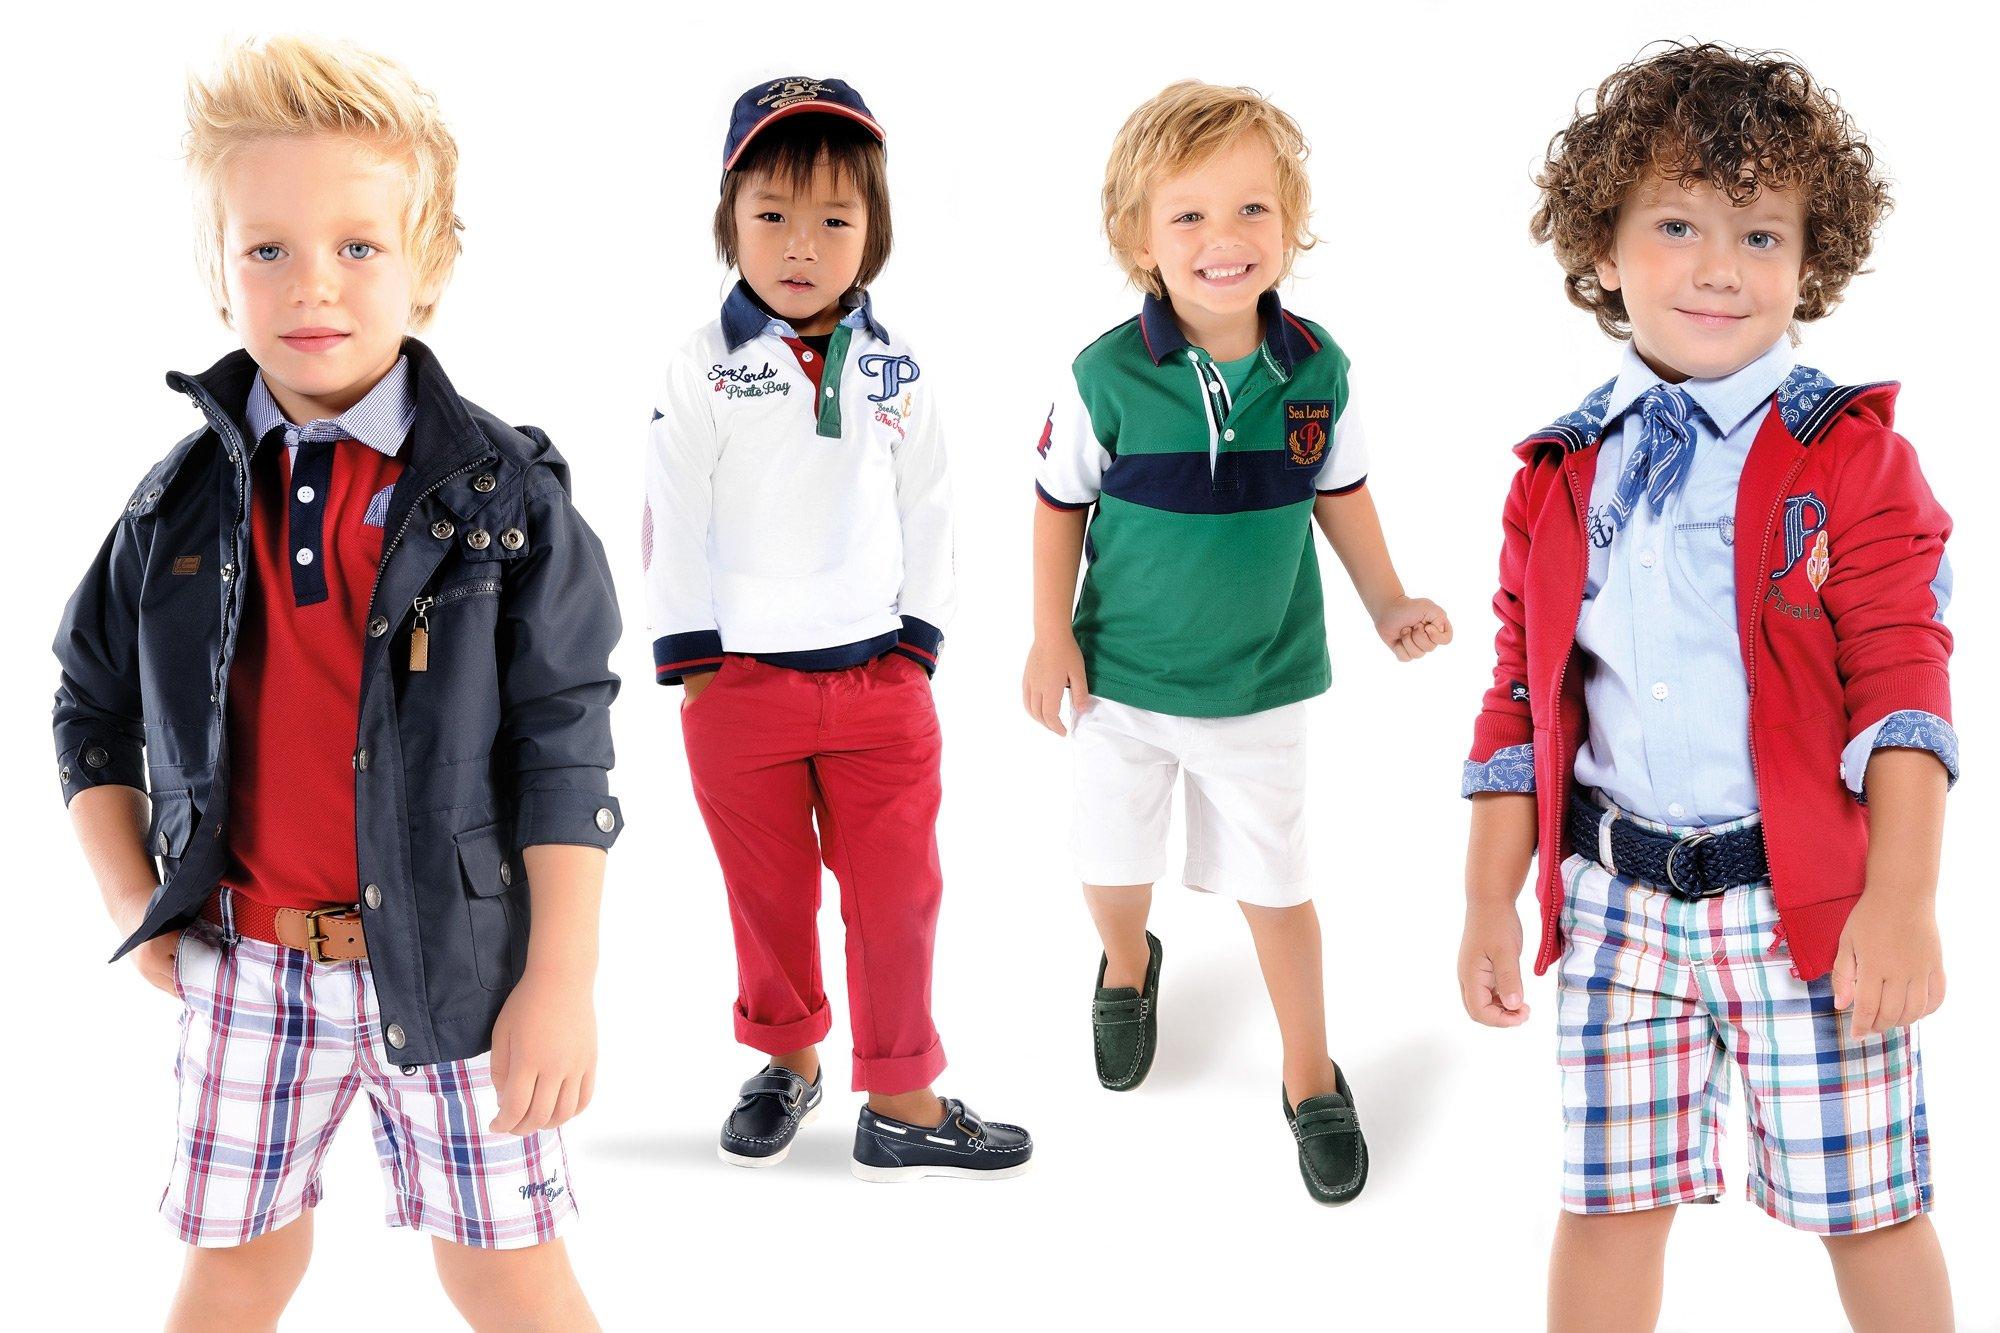 Как открыть детский магазин одежды с нуля? стоит ли открывать магазин детской одежды?